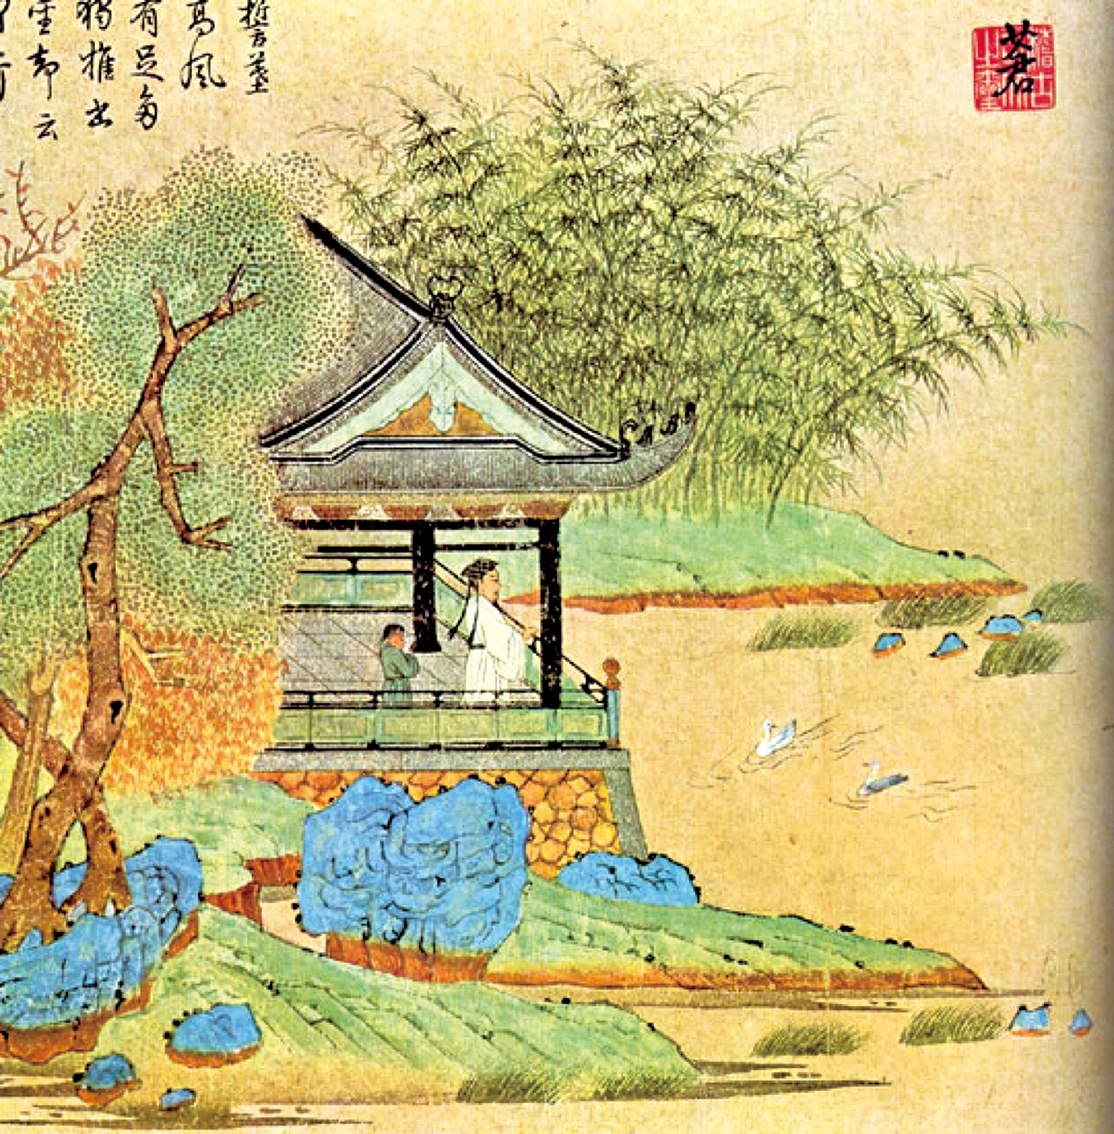 元‧錢選《王羲之觀鵝圖》局部。(大紀元資料庫)